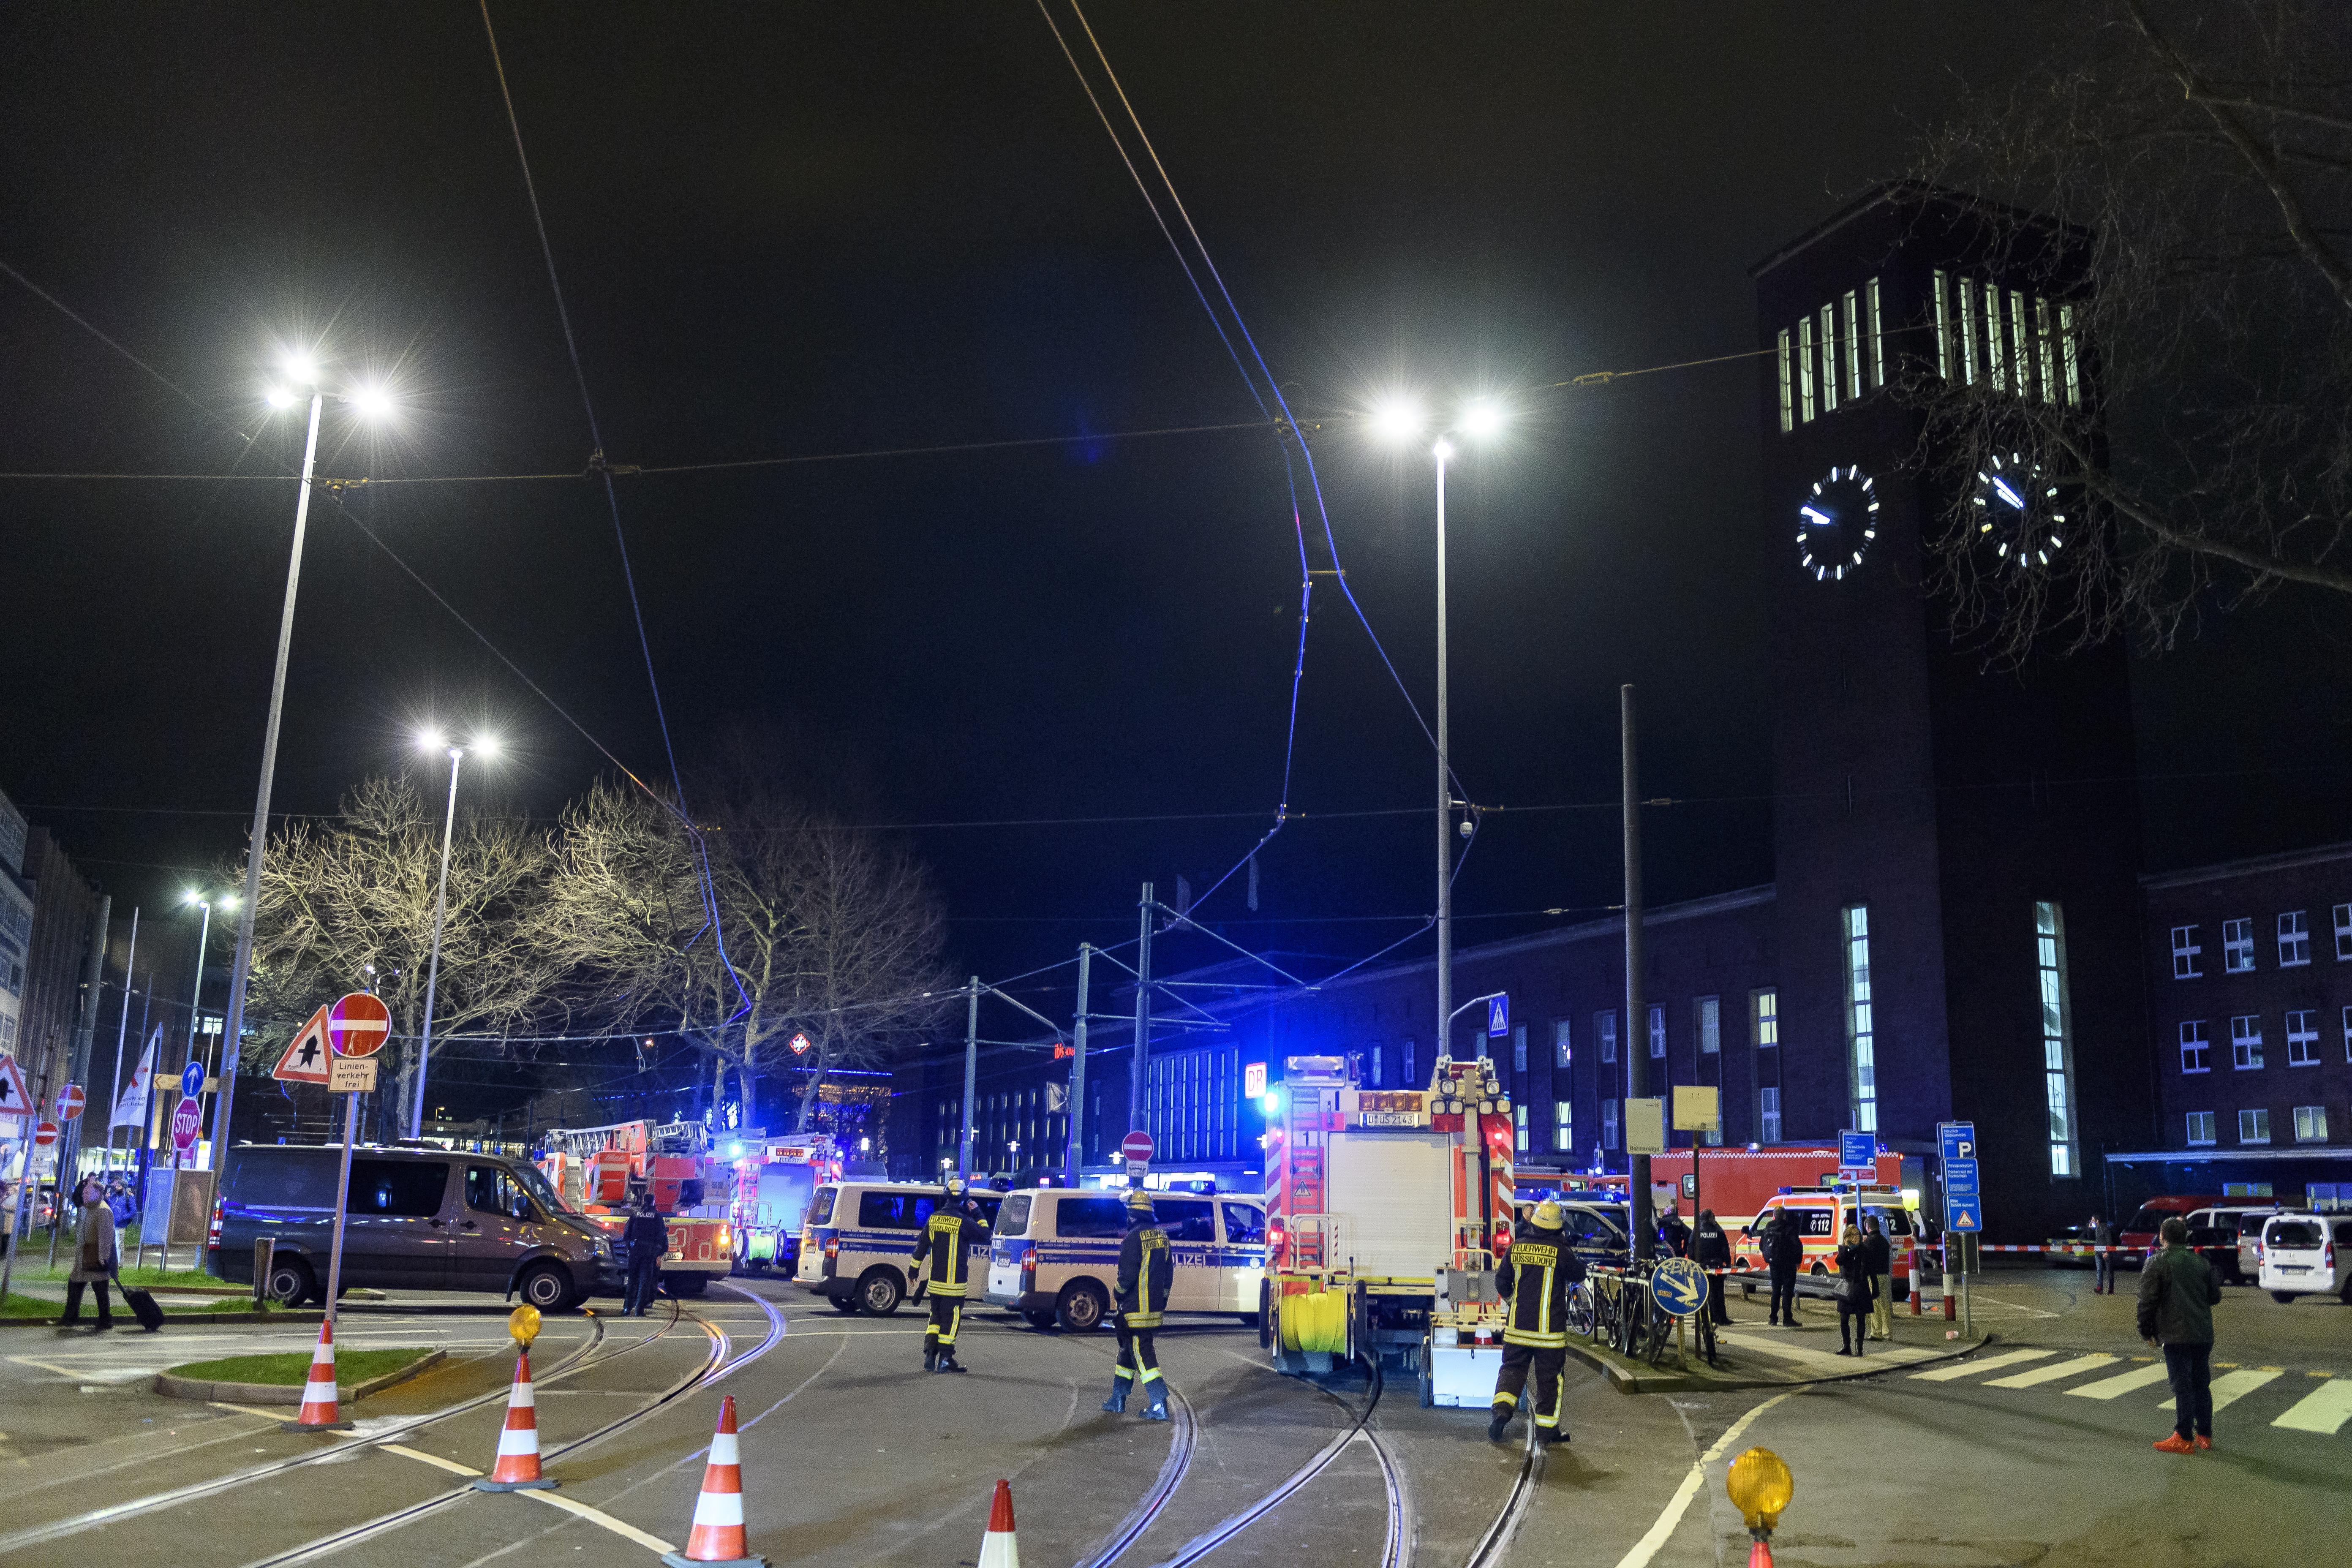 dusseldorf axe attack, dusseldorf terror attack, dusseldorf train station attack